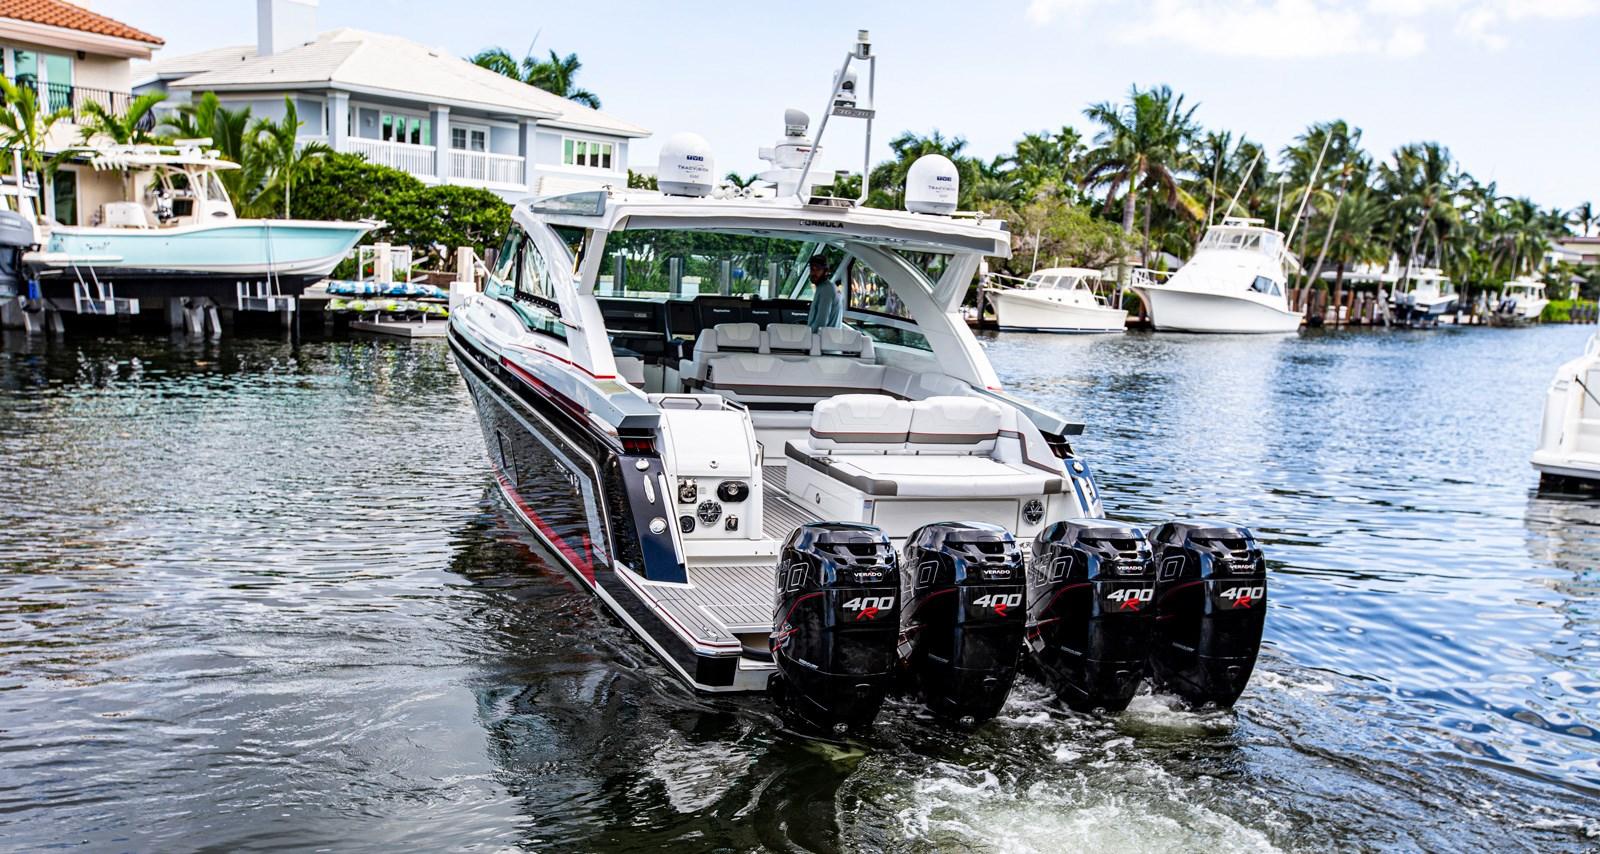 IMG_3898 2018 FORMULA 430 Super Sport Crossover Motor Yacht 2731409